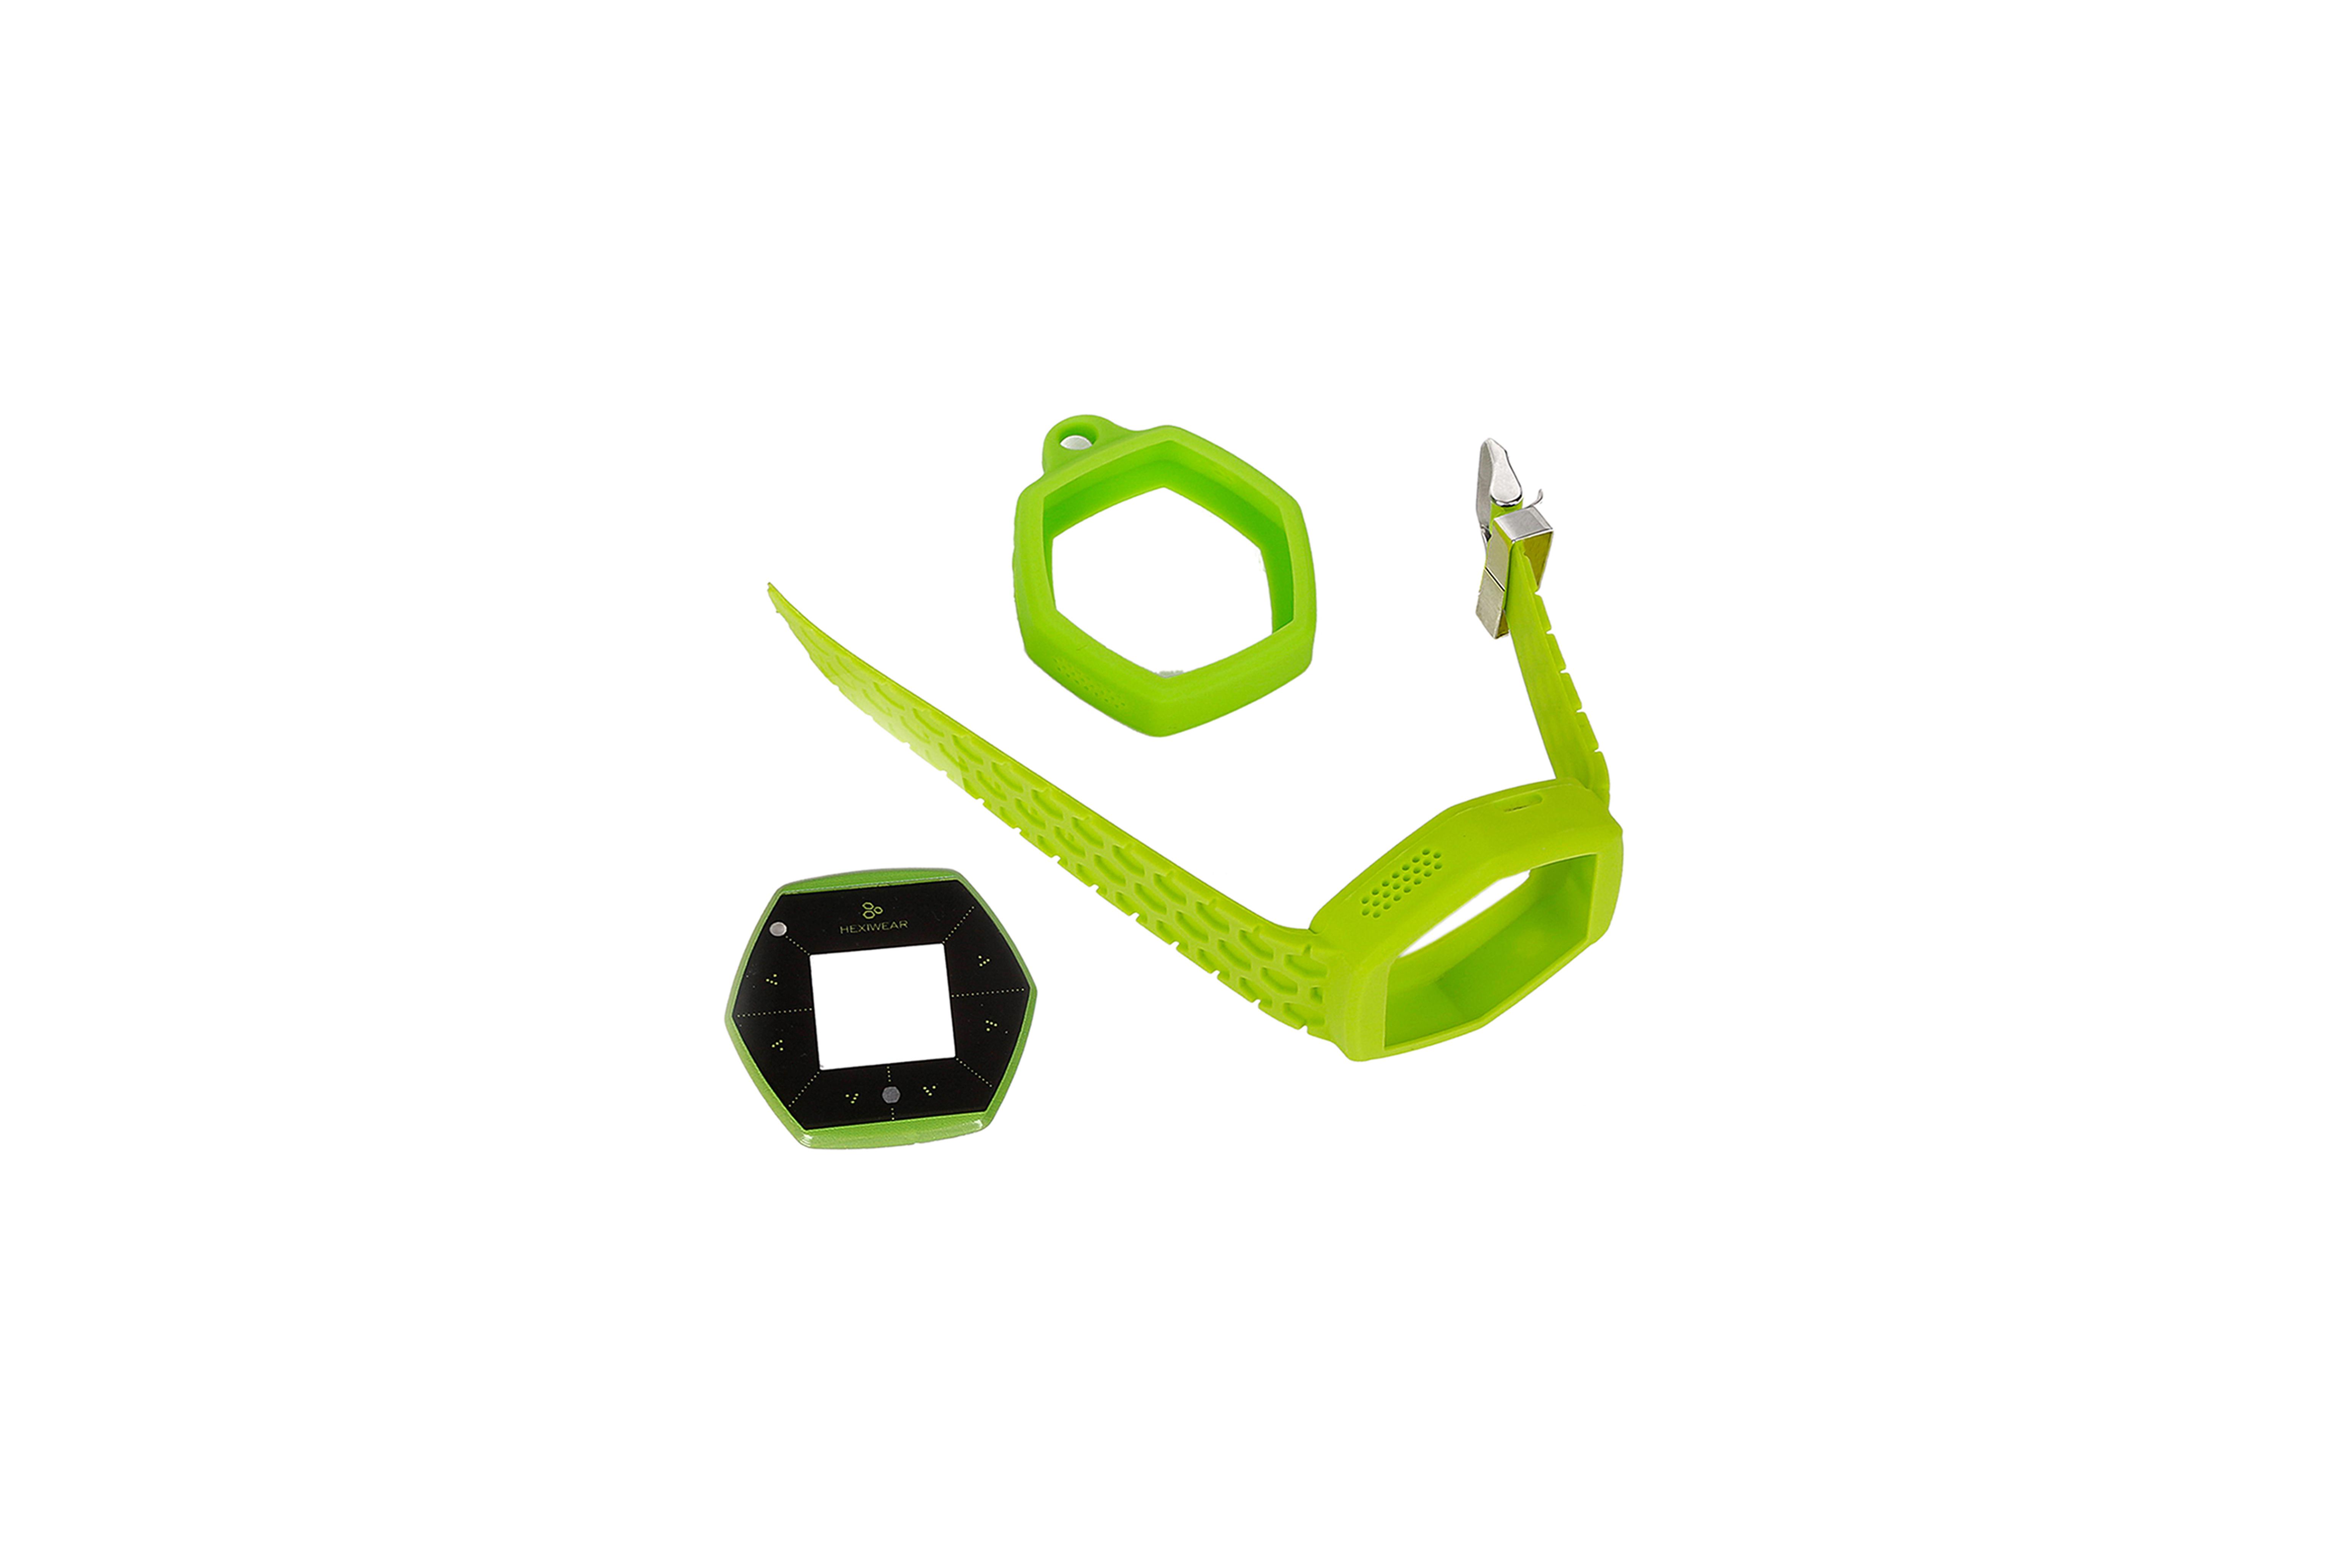 Hexiwear IoT Dev Kit Accessory Pack - Green